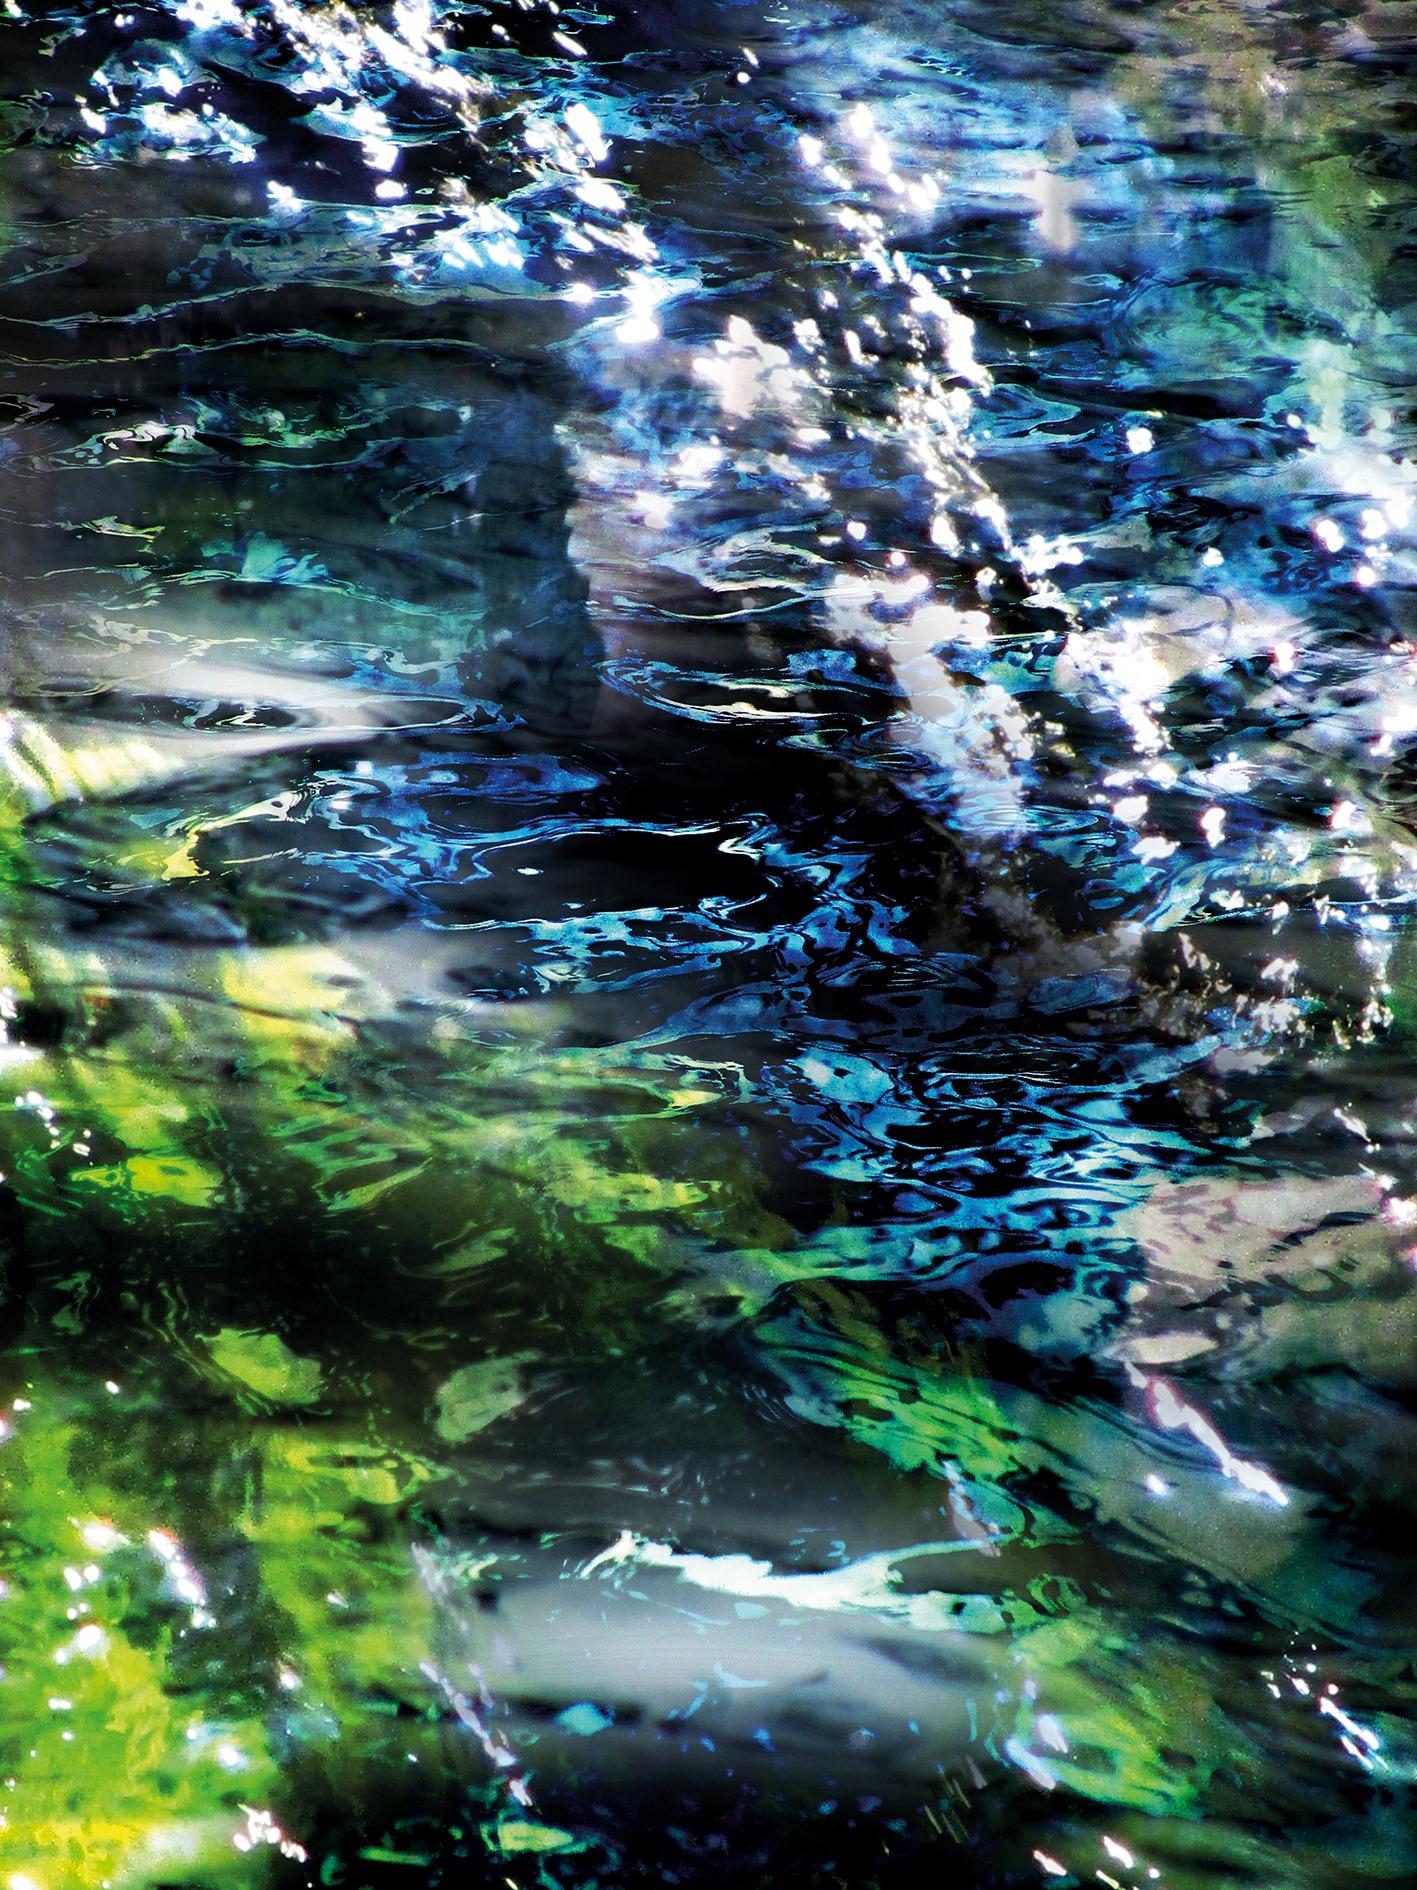 Reihe wasser_beständig: Ilz, digitale Collage/Malerei, 2014